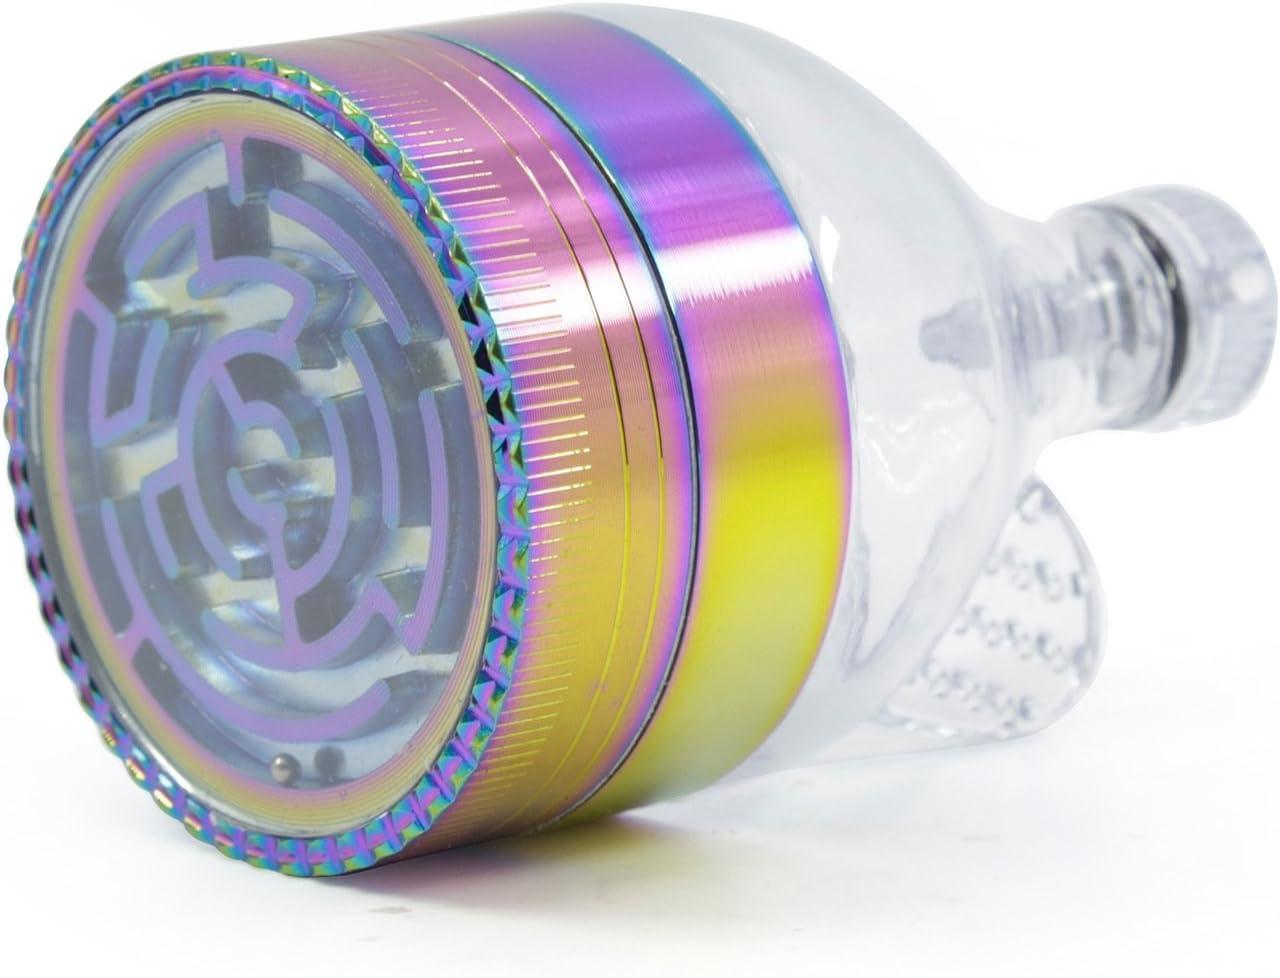 BBYaki Amoladora De Aleación De Zinc, Color Del Arco Iris De La Capa 52Mm3, Tabaco / Polen / Amoladora De Especias, Con Embudo, Fácil De Transportar